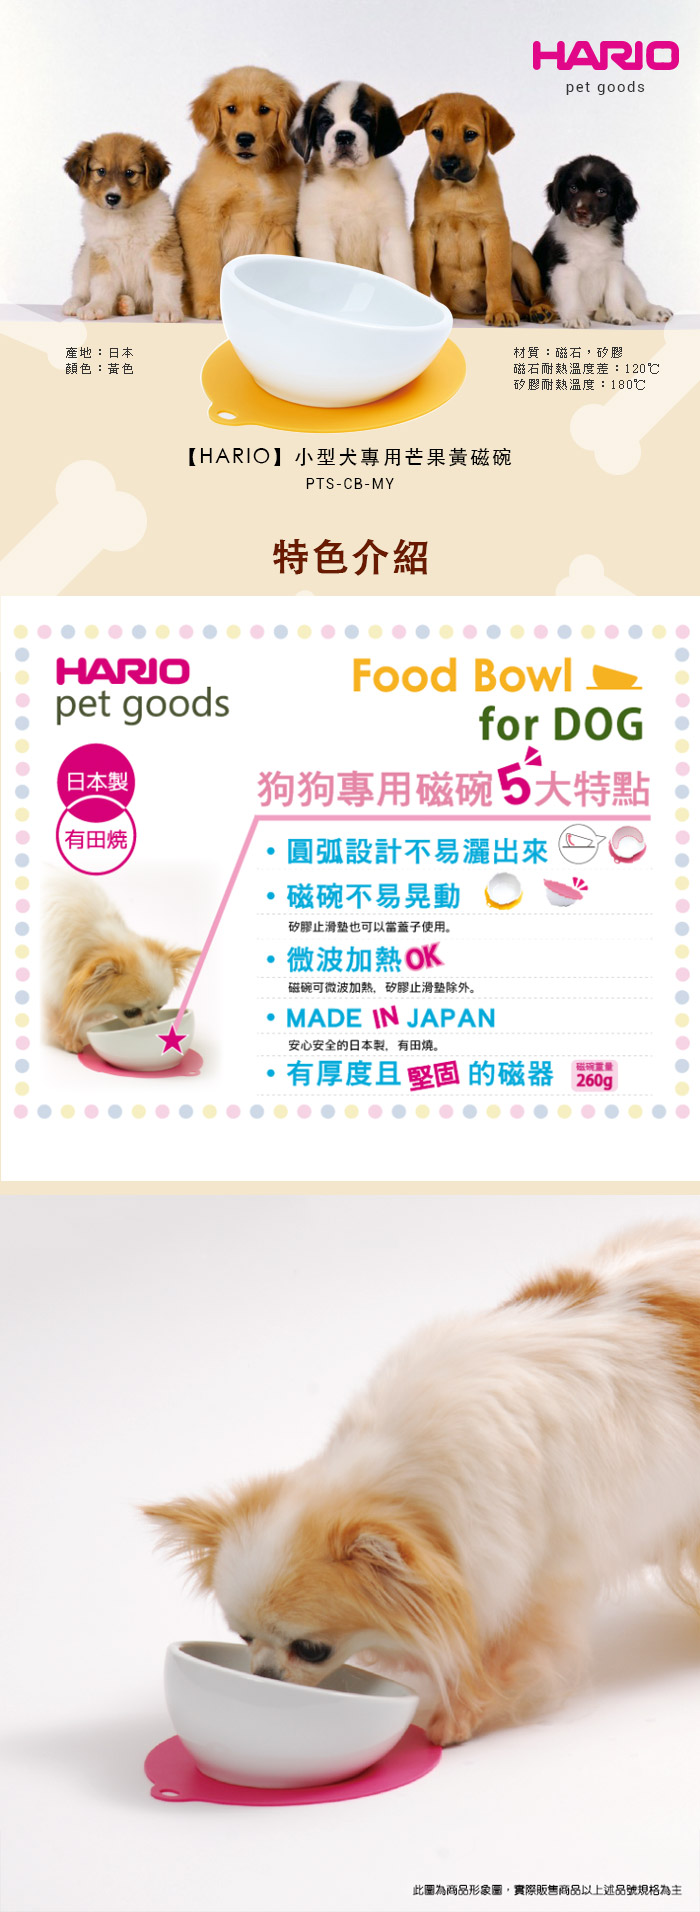 (複製)HARIO  小型犬專用櫻桃粉紅磁碗  PTS-CB-PC